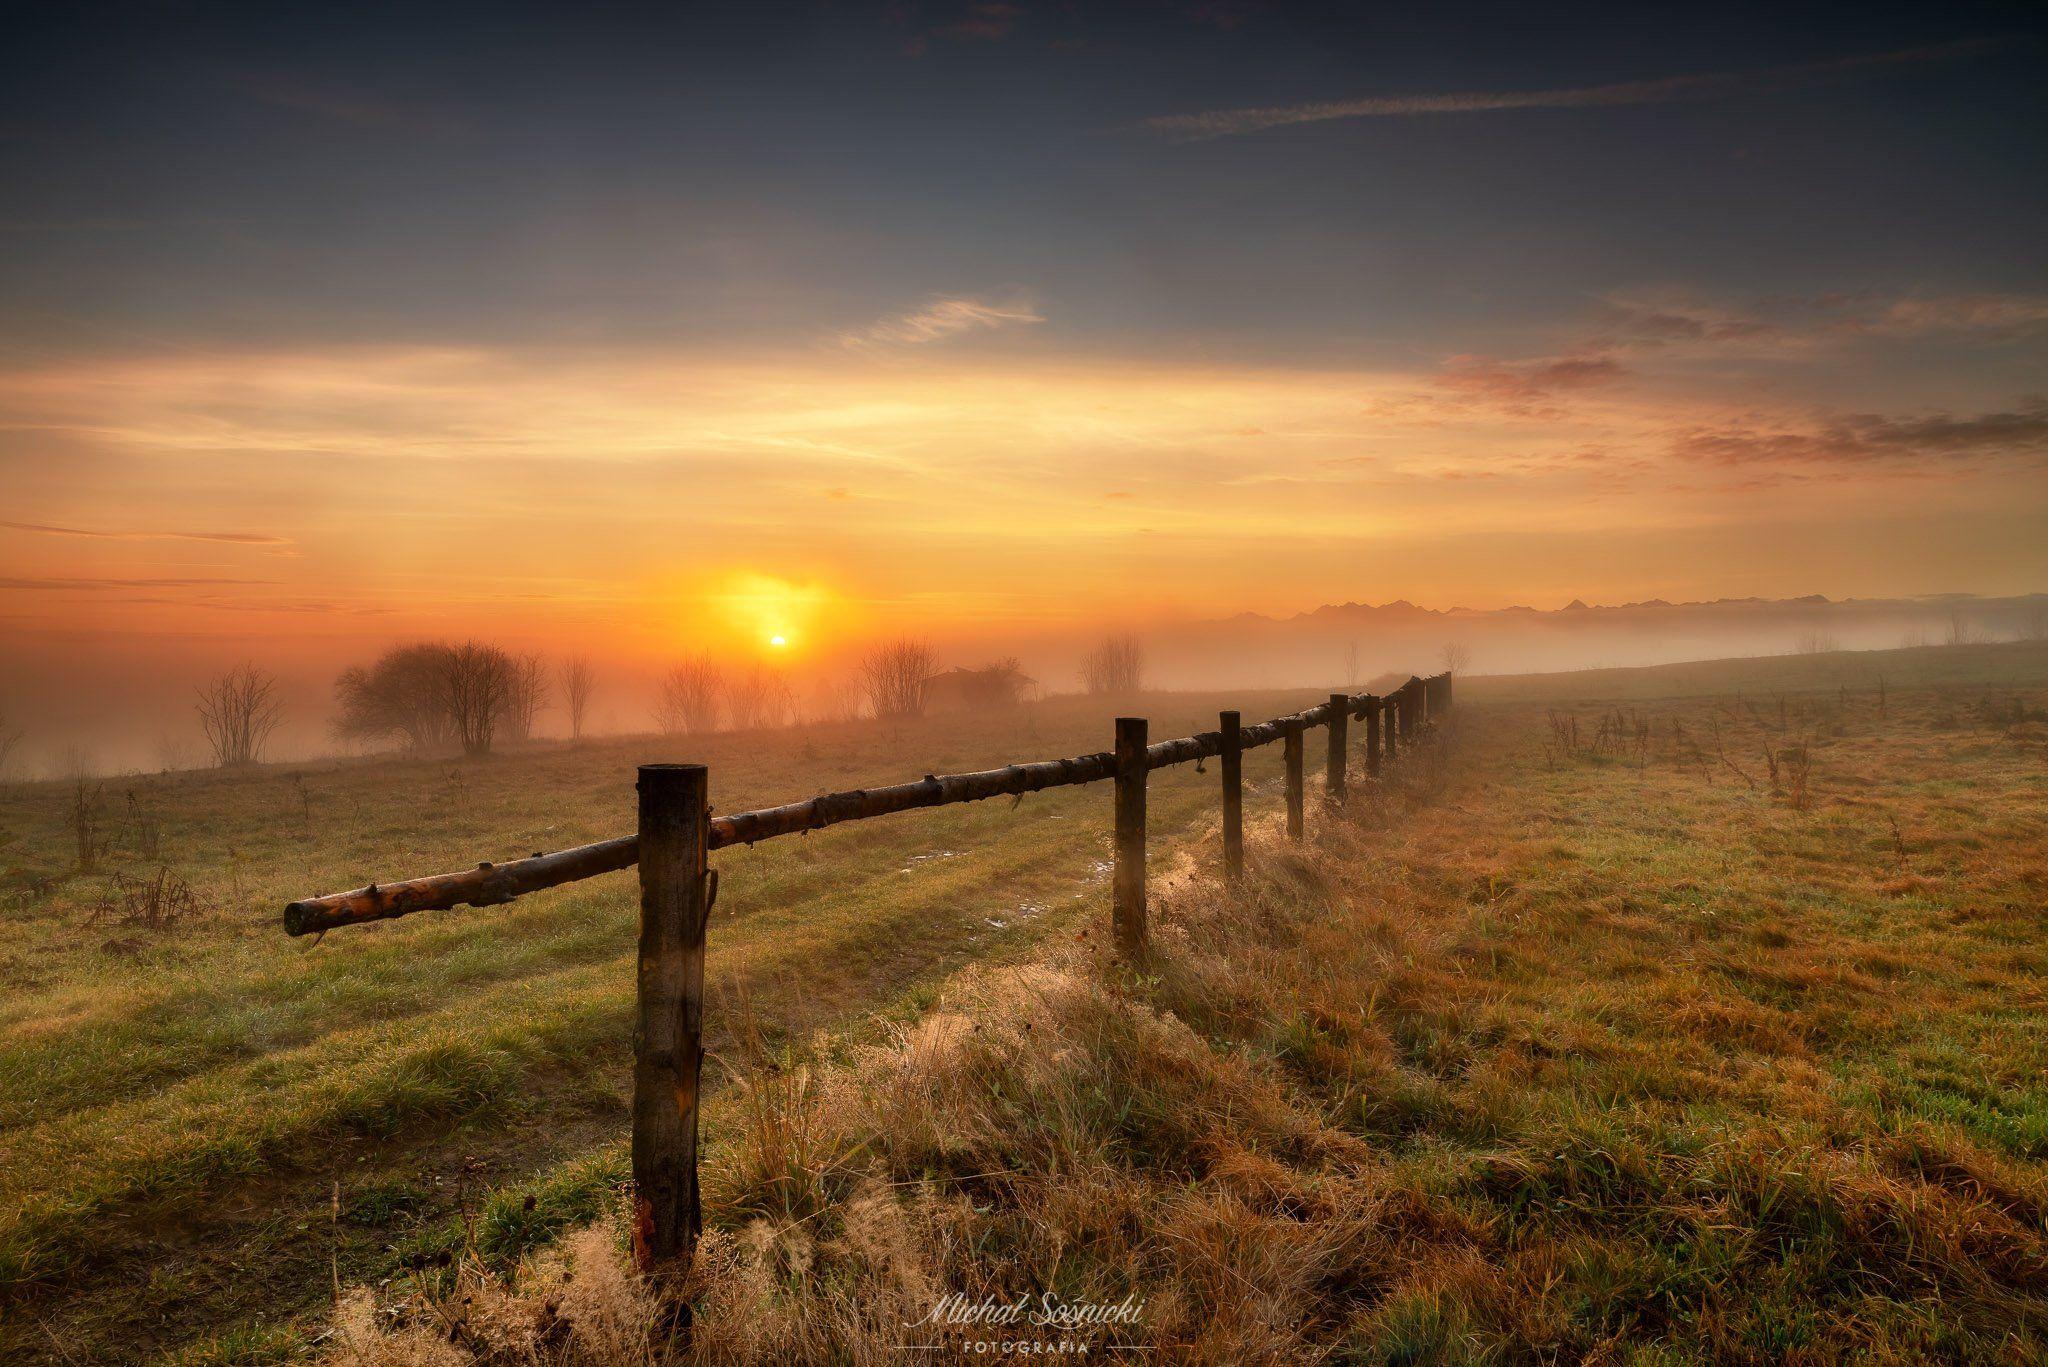 #autumn #poland #mountains #foggy #pentax #benro #benq, Sośnicki Michał